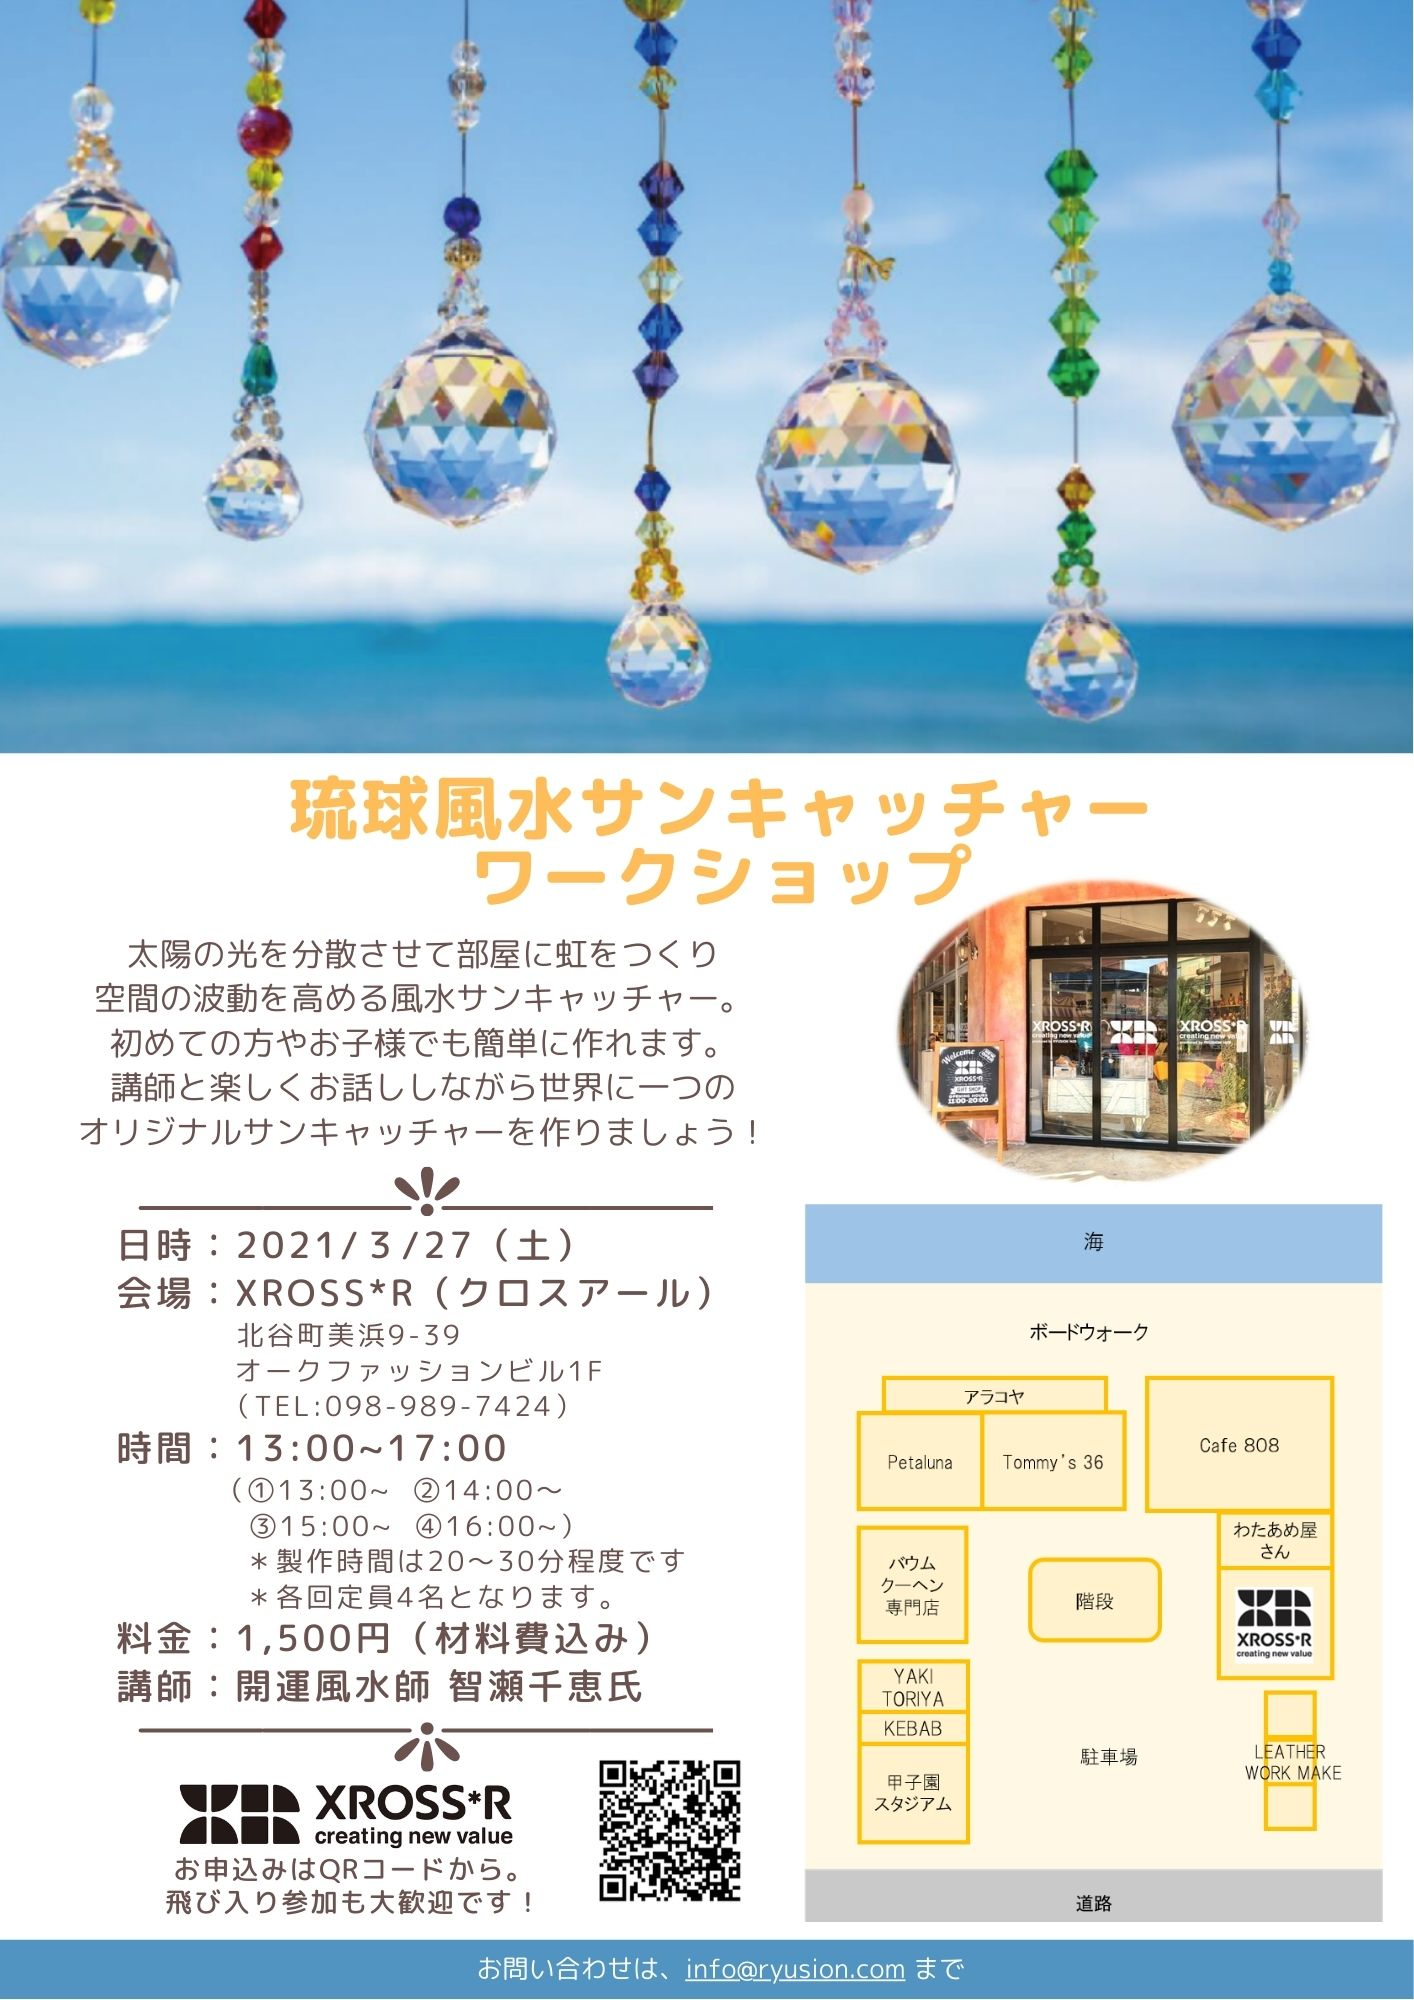 【ワークショップ】3/27(土)開催!世界に一つだけのオリジナル琉球風水サンキャッチャーを作ろう!